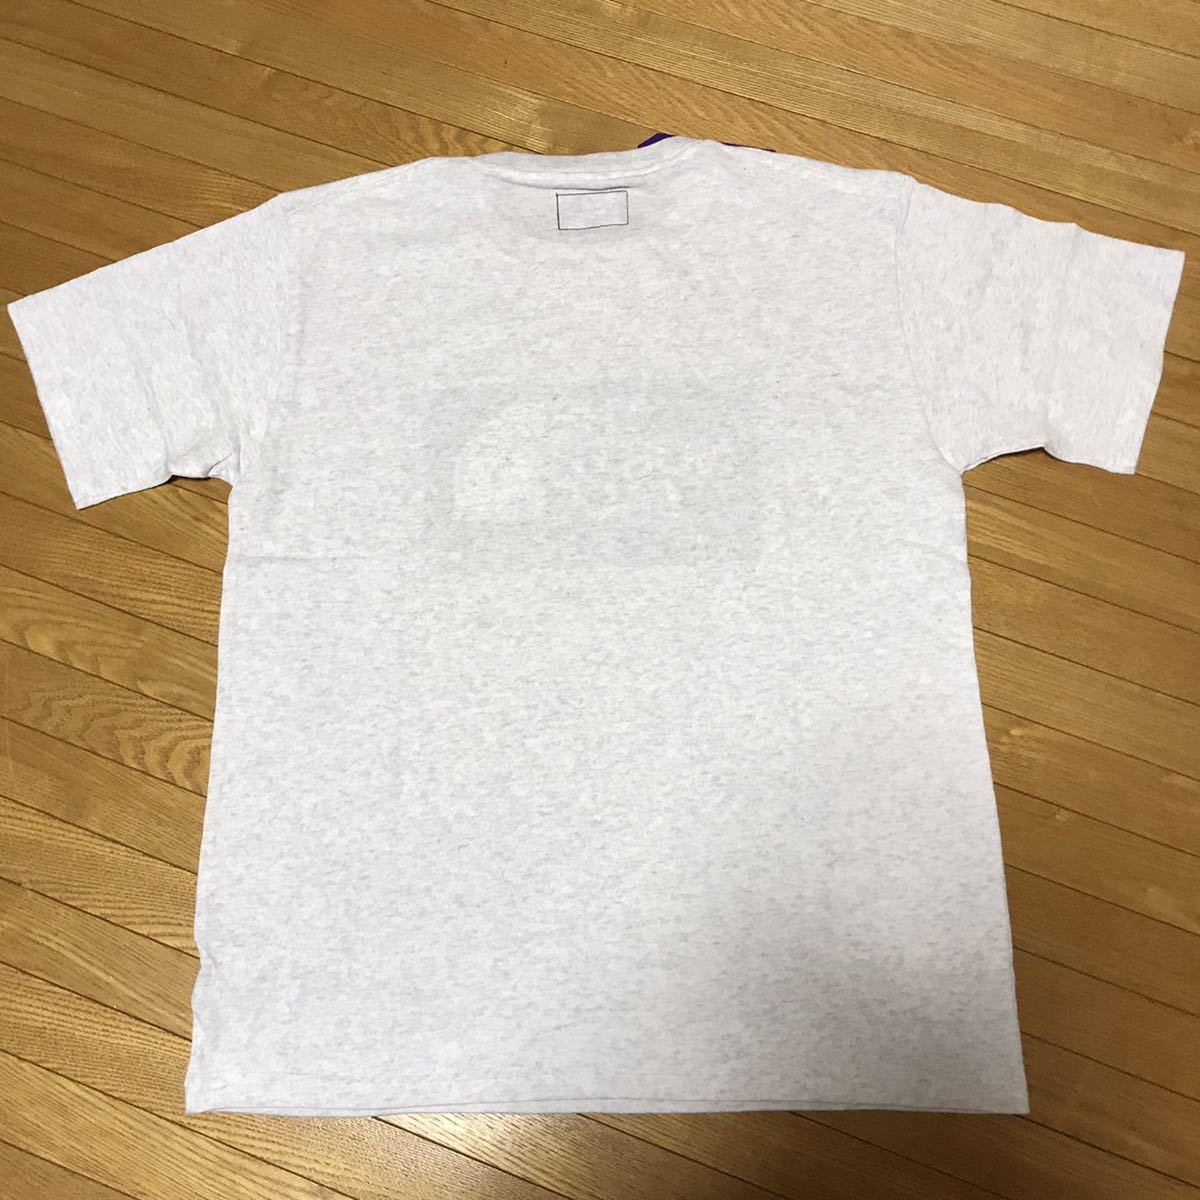 ザ・ノースフェイス パープルレーベル THE NORTH FACE PURPLE LABEL H/S Logo Tee Tシャツ Lサイズ 送料無料_画像4